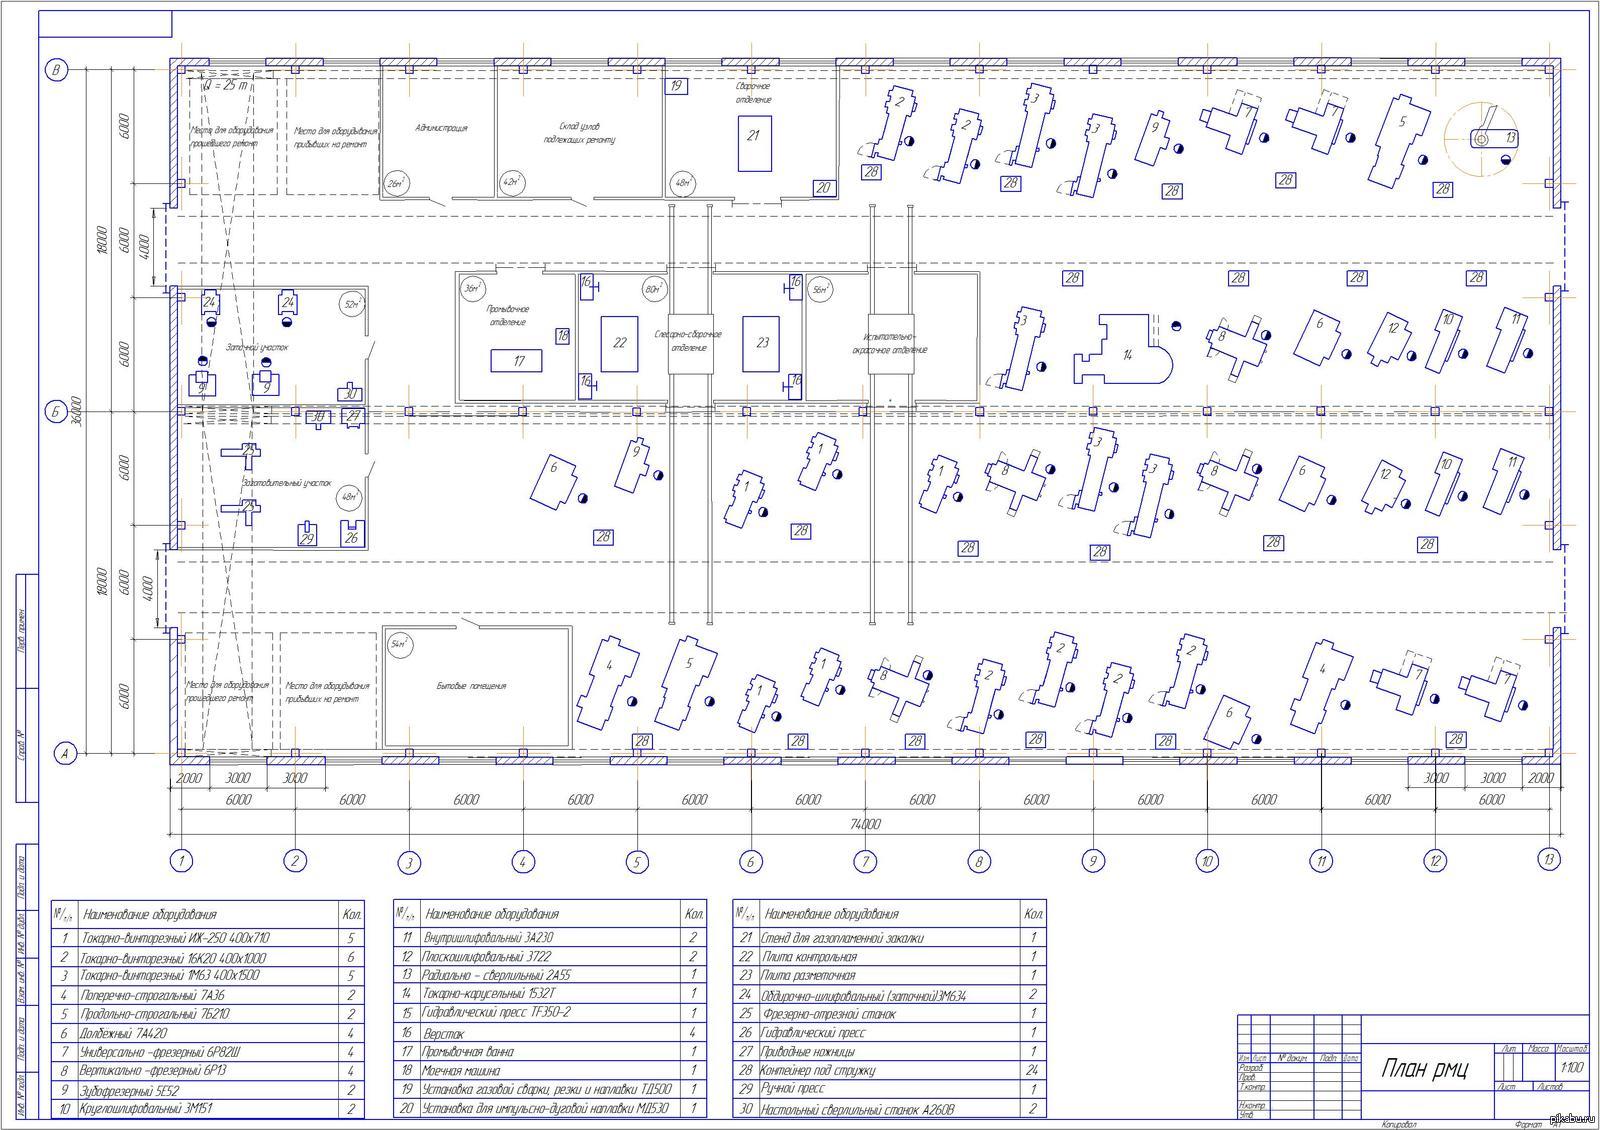 план ремонтного цеха мой чертеж на диплом Это план ремонтного цеха мой чертеж на диплом